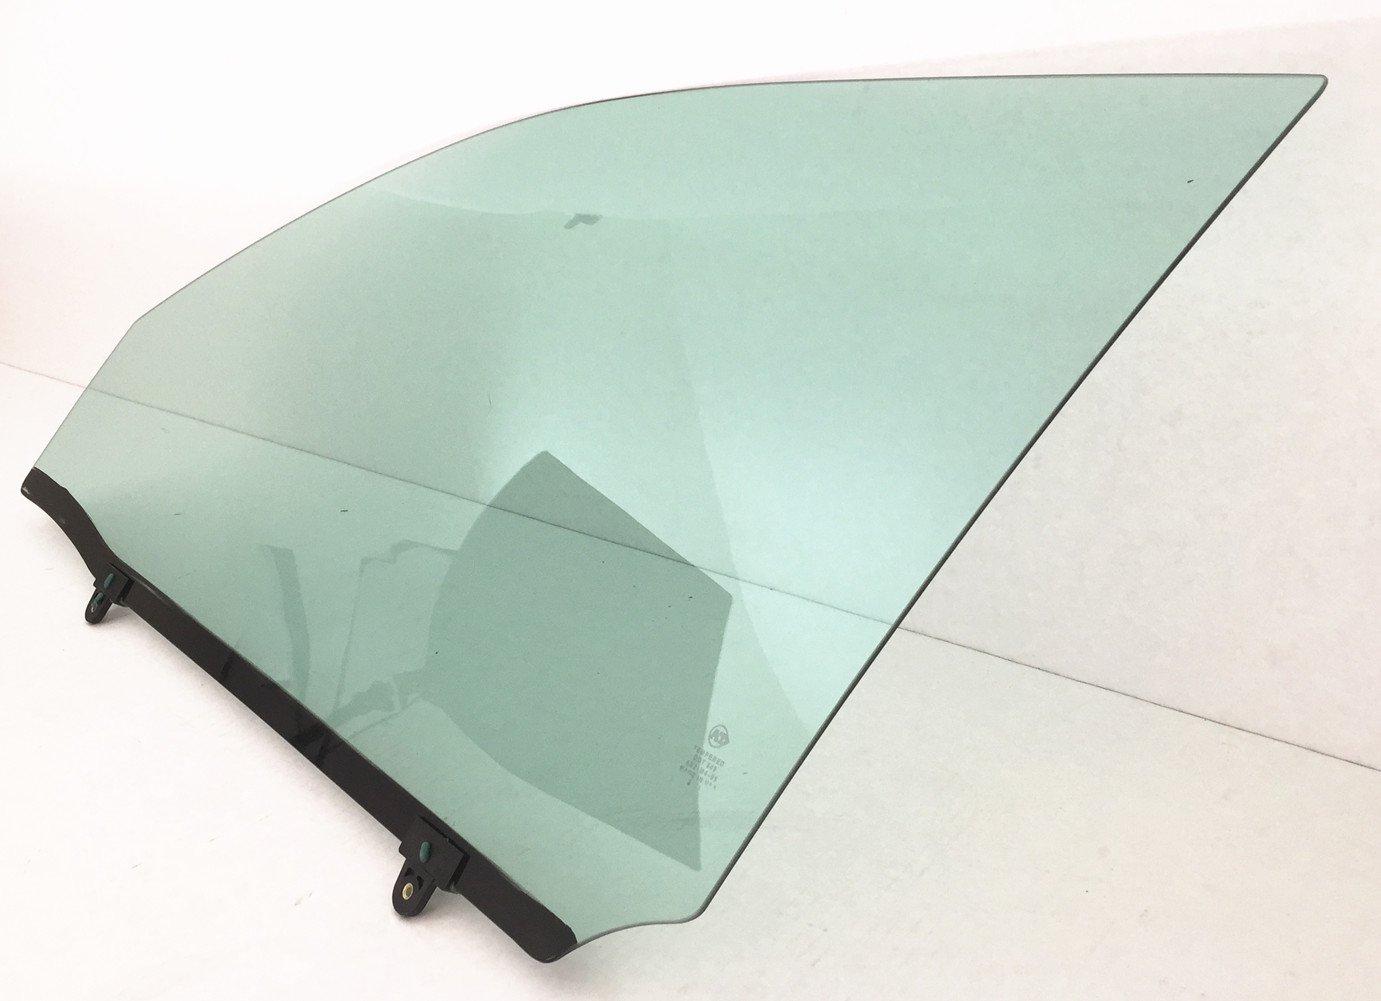 NAGD Fits 2003-2009 Toyota 4Runner 4 Door SUV Driver Side Left Front Door Window Glass